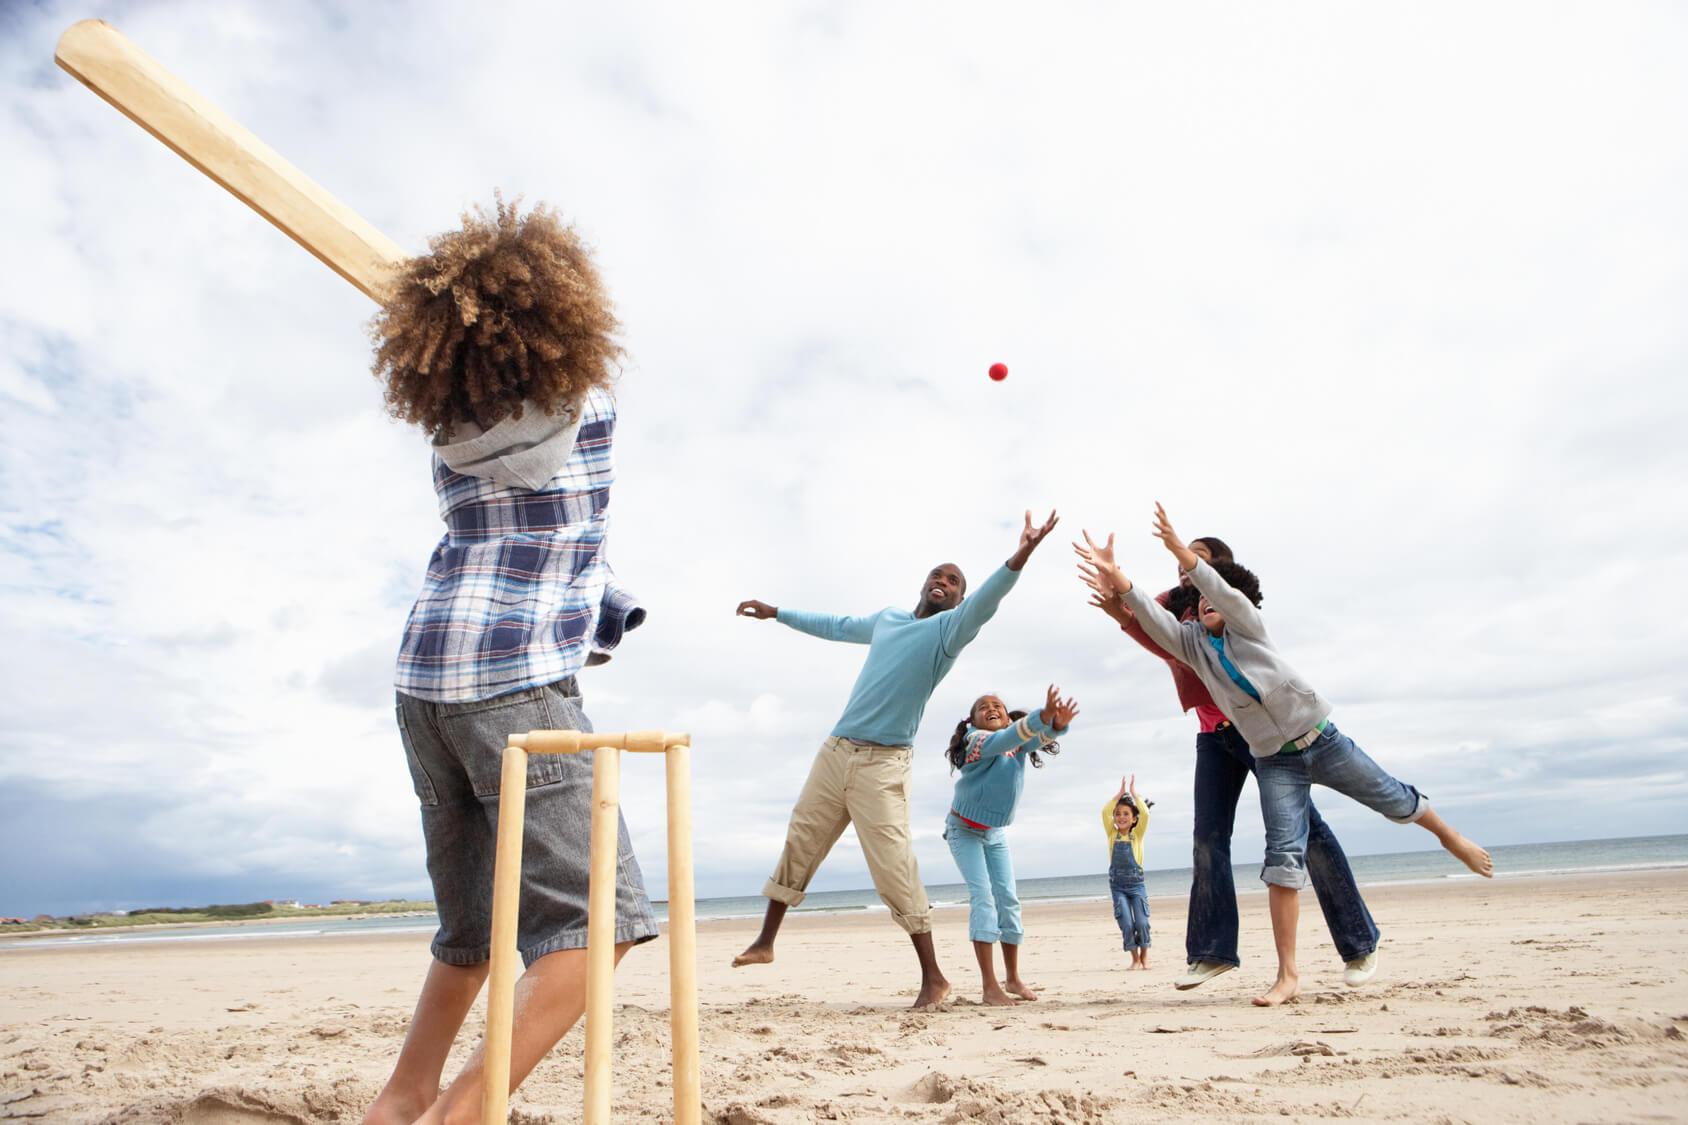 เล่นคริกเก็ตชายหาด